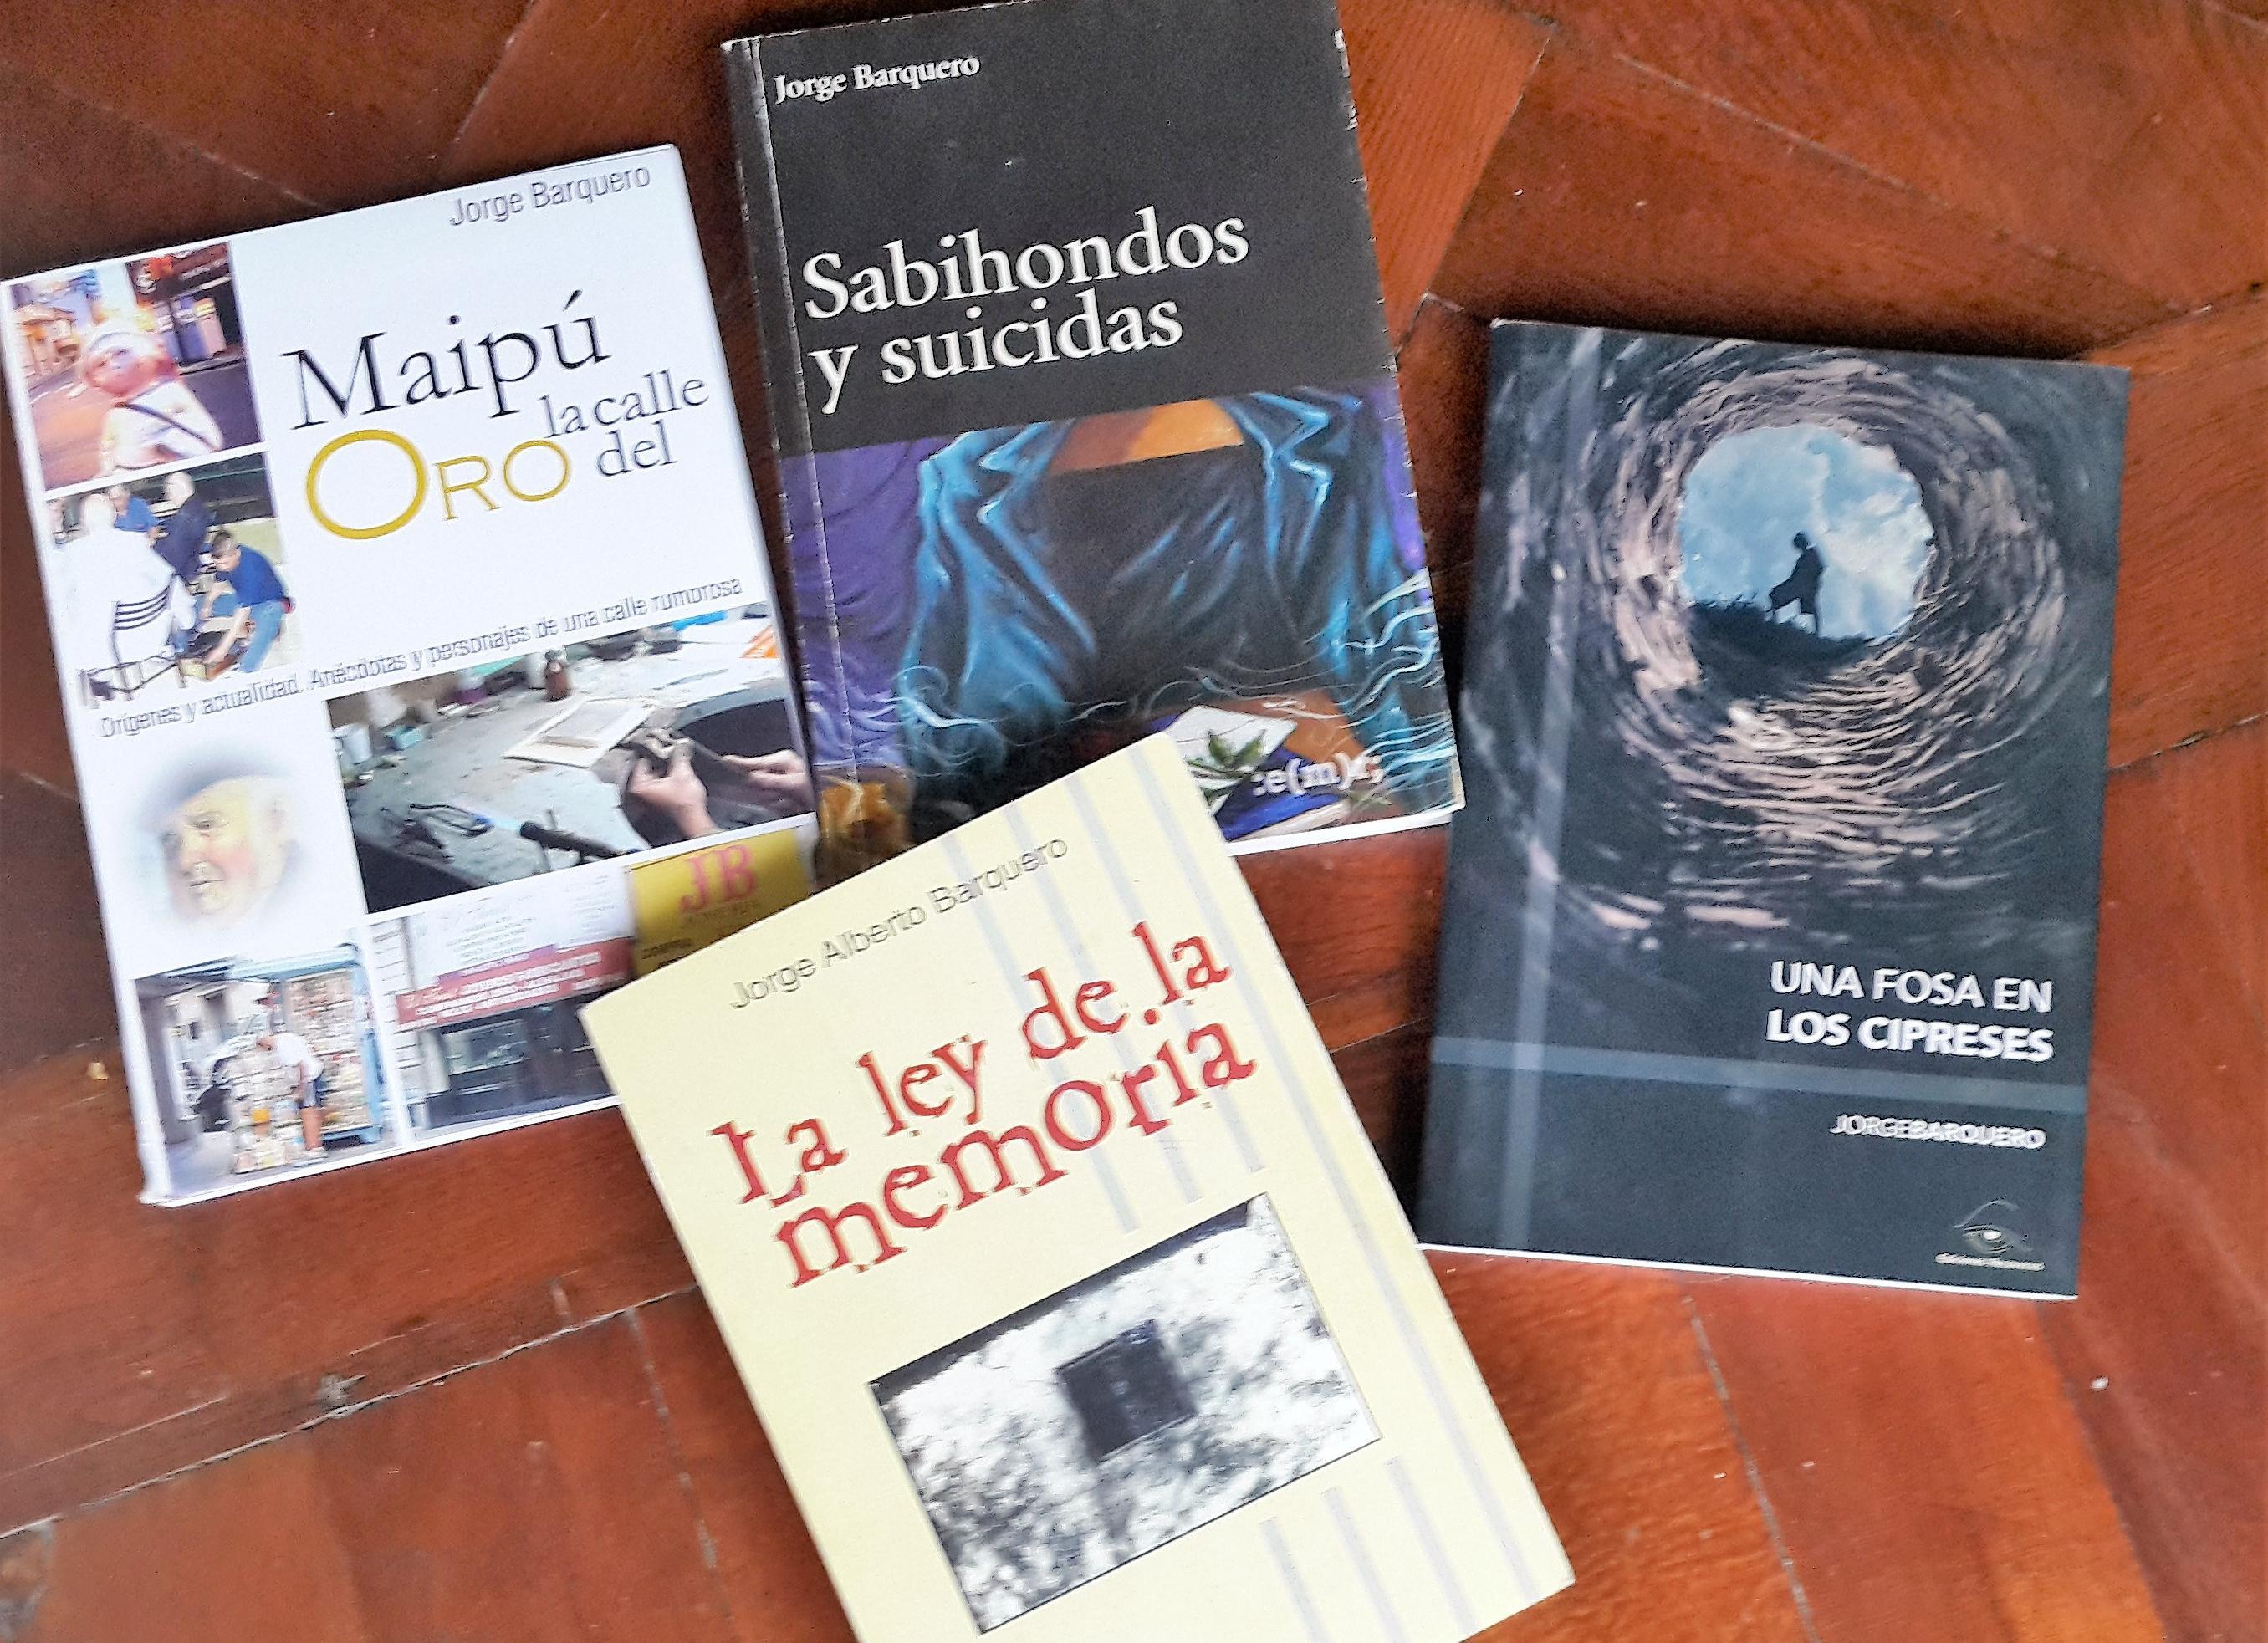 Los libros escritos por el ingenioso Barquero.